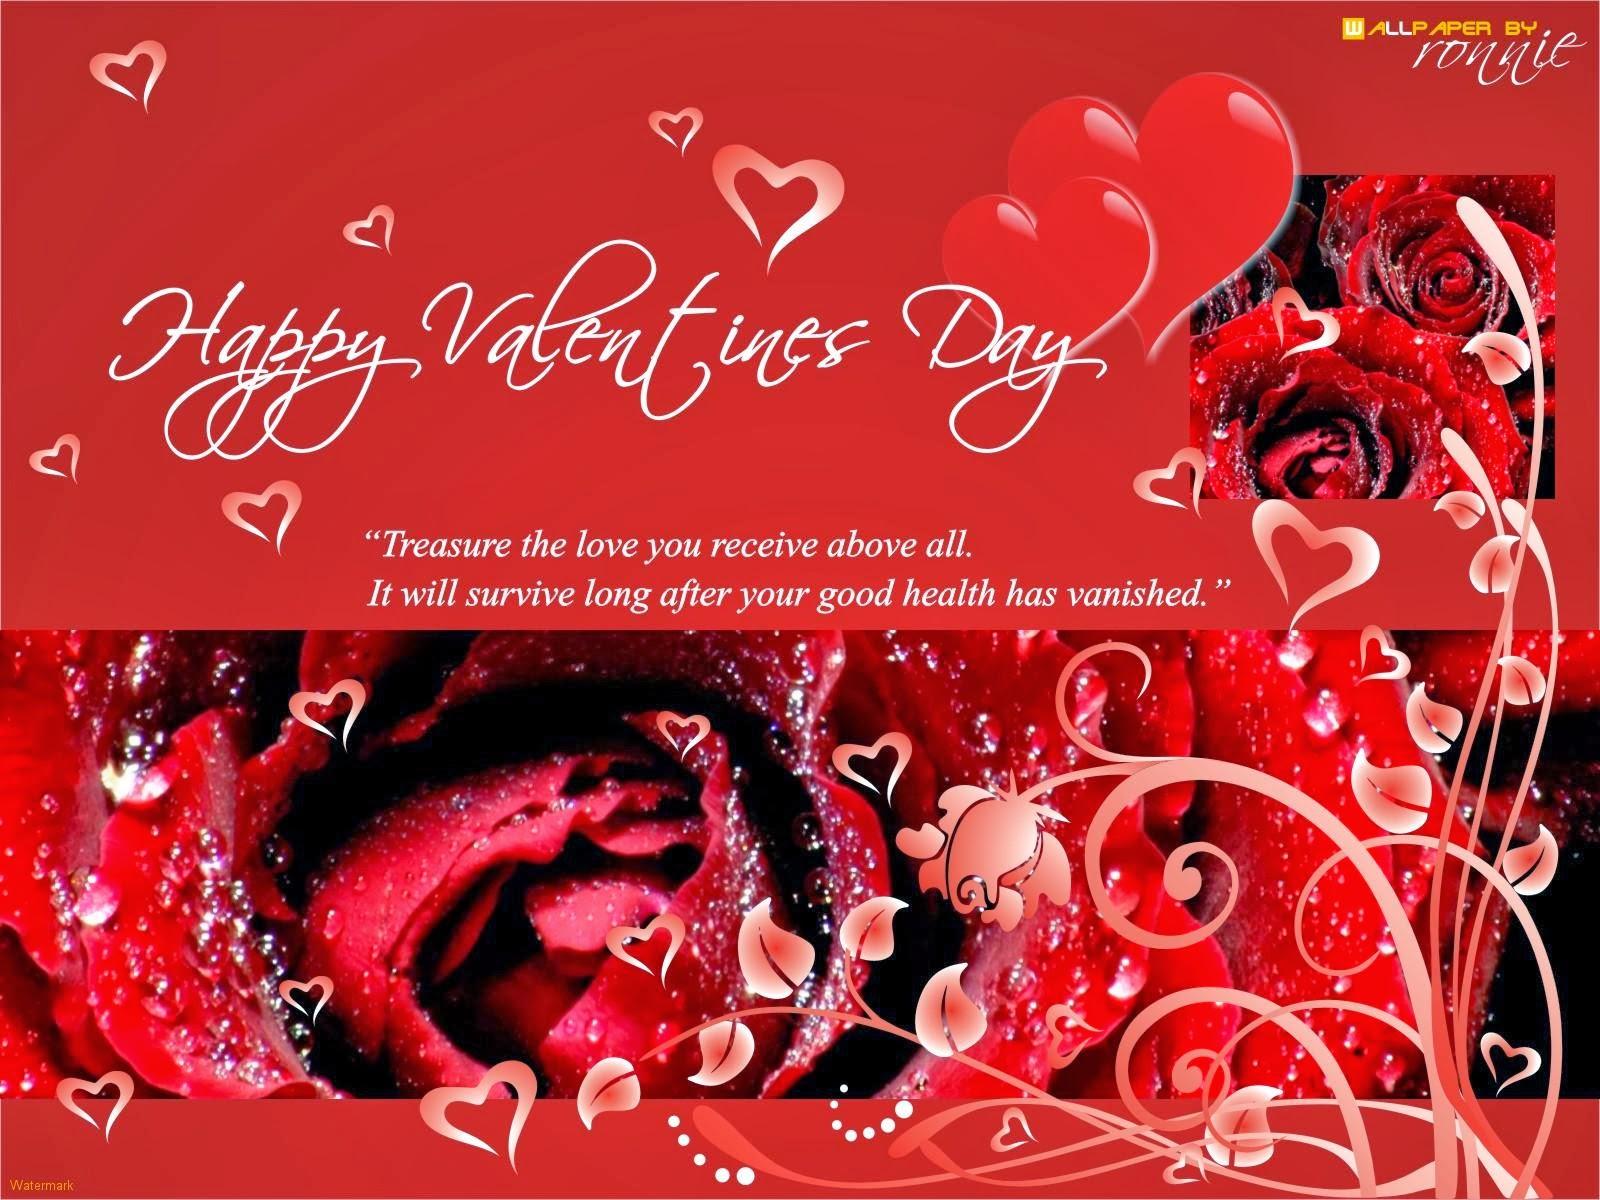 Best Valentines Day Messages 2014 | 2017 Valentine Card